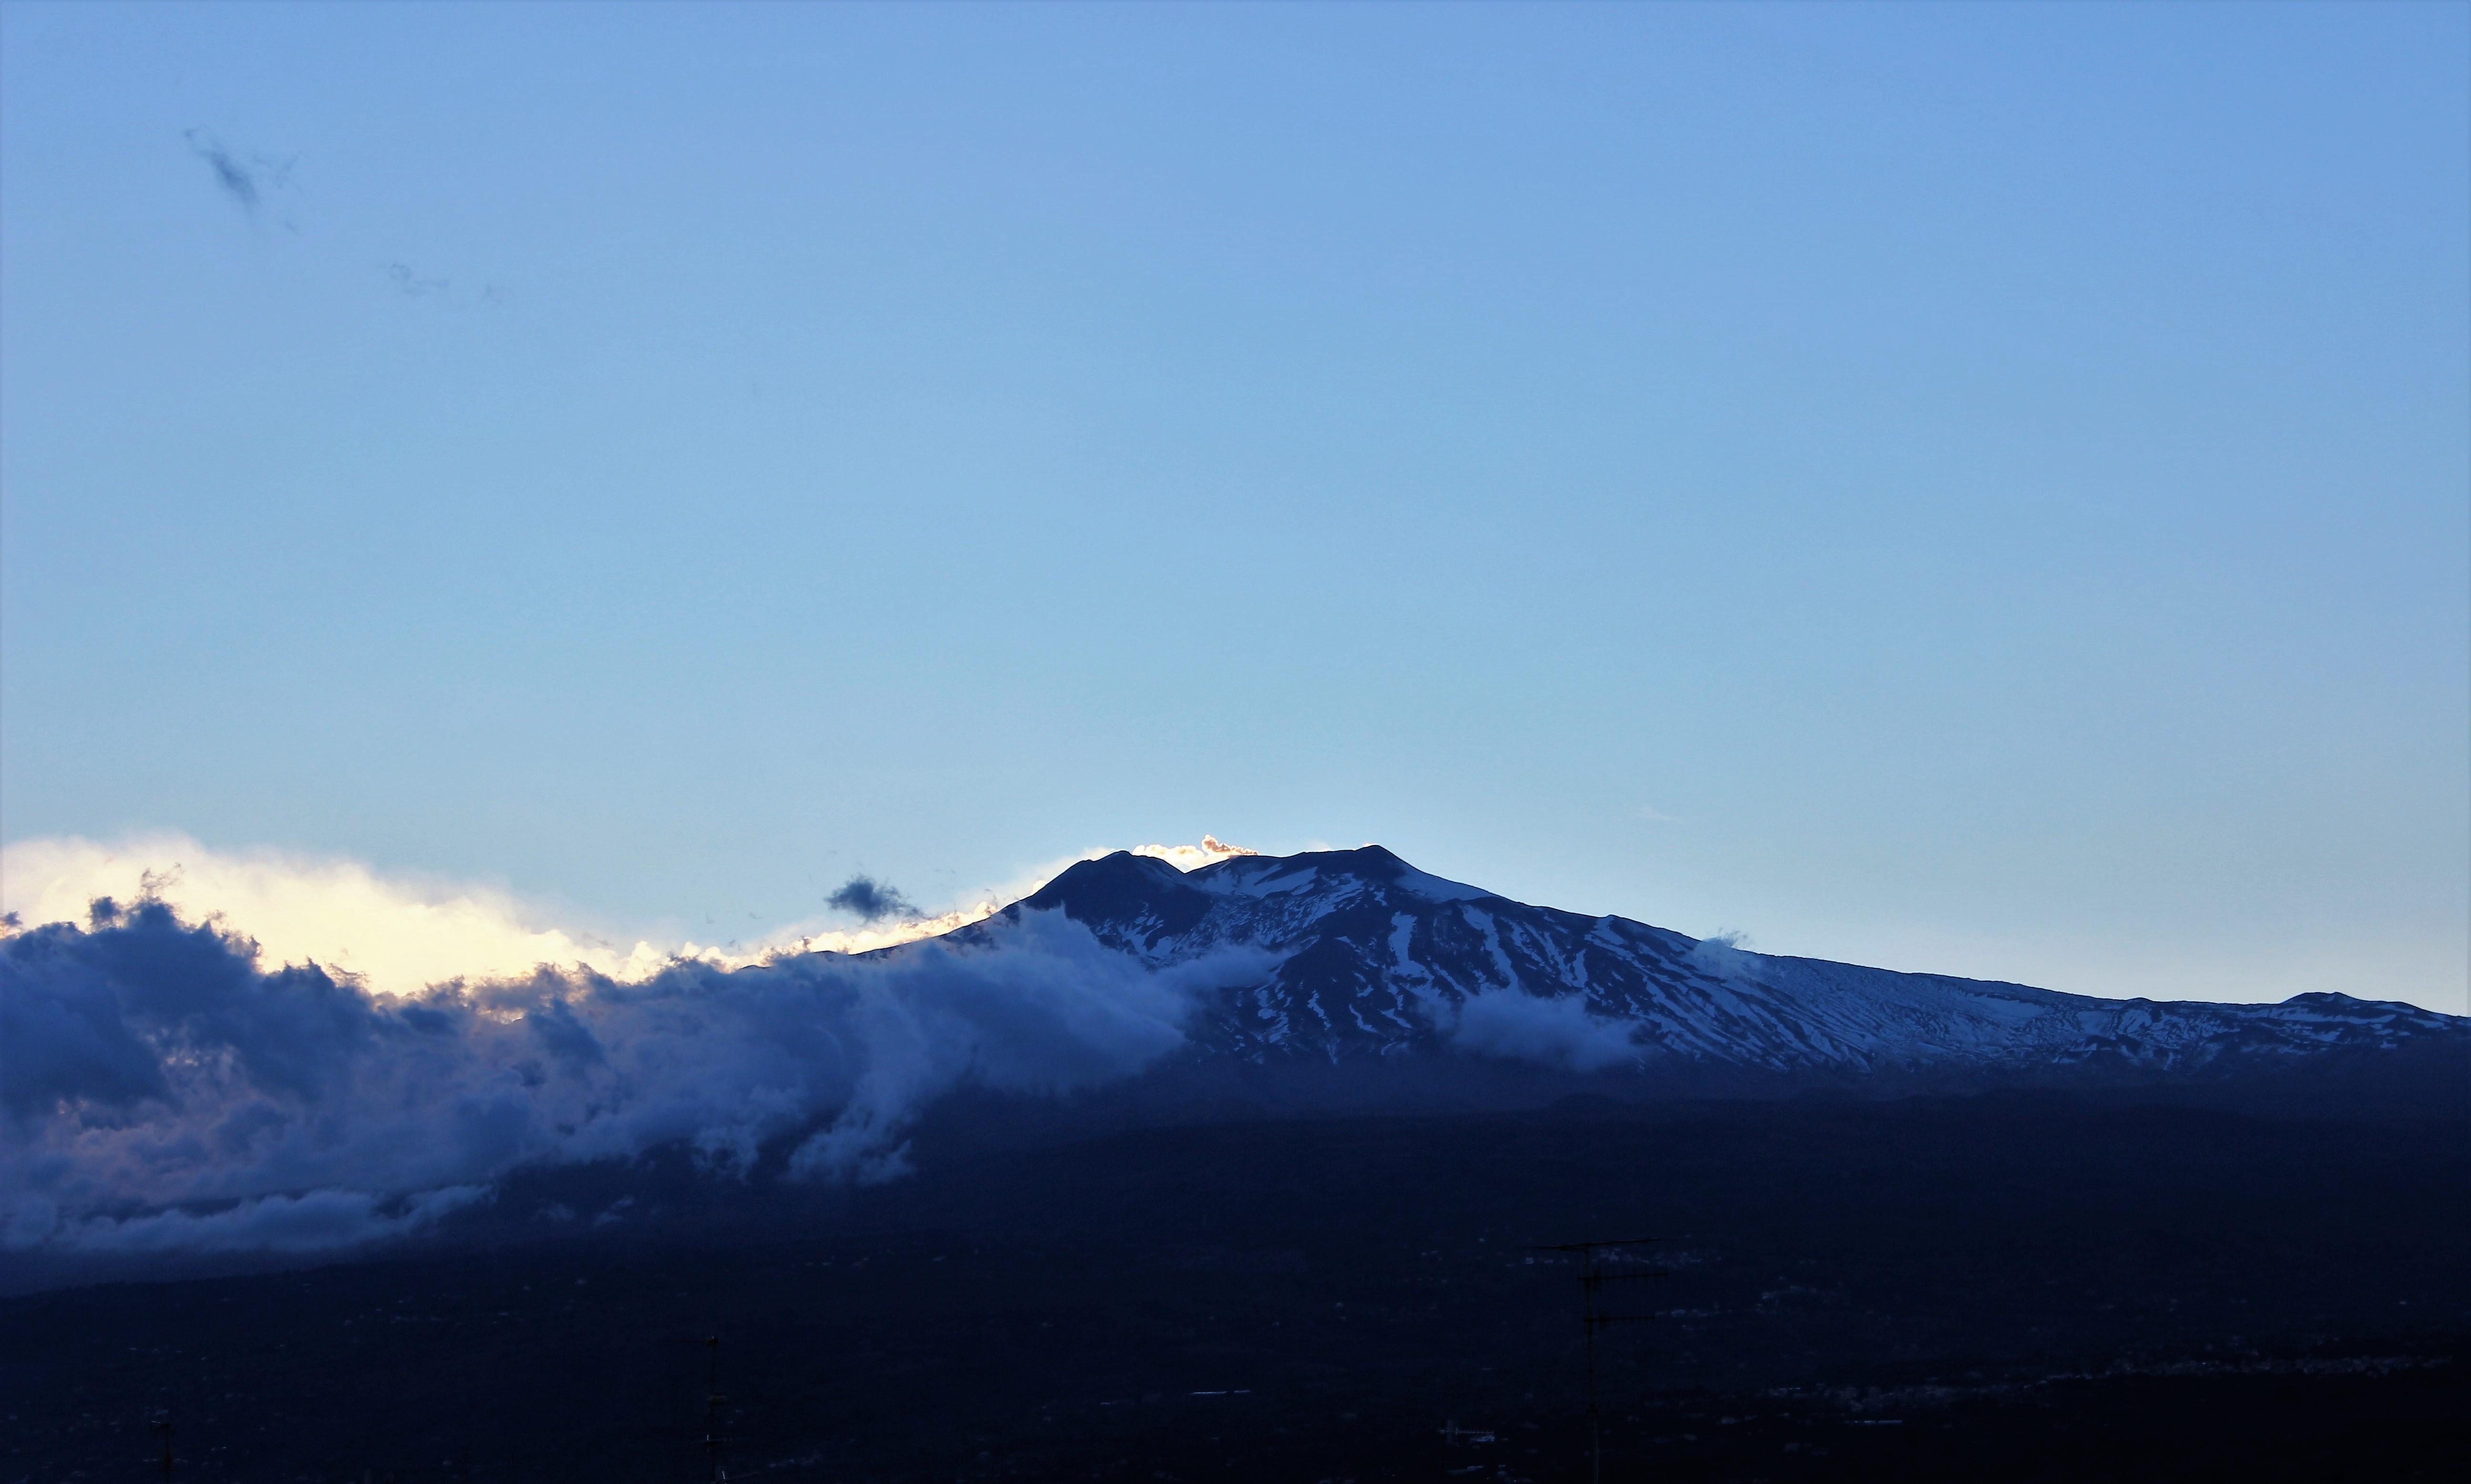 Les menaces de sa majesté Etna en son palais d'azur